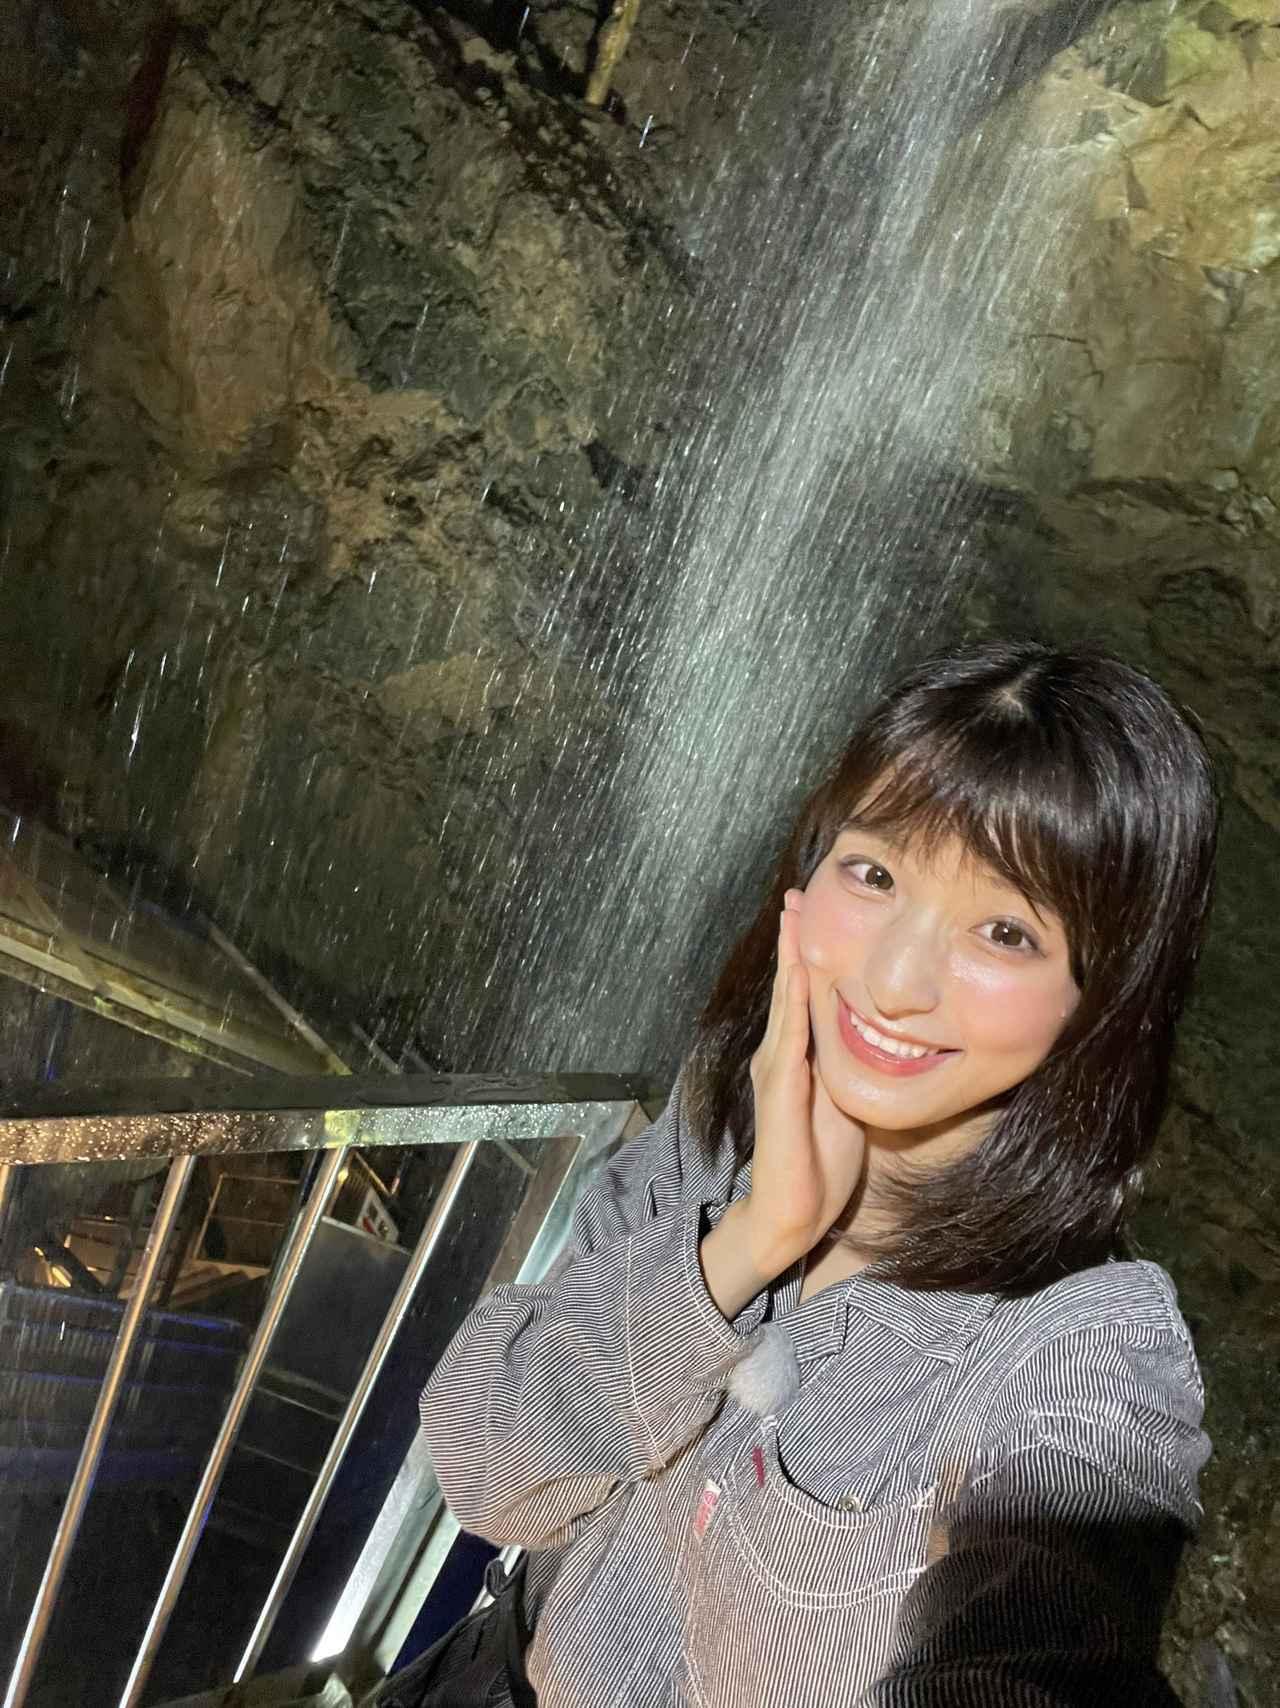 画像: 鍾乳洞の中はマイナスイオンたっぷり。お肌にいいそうです(^^)